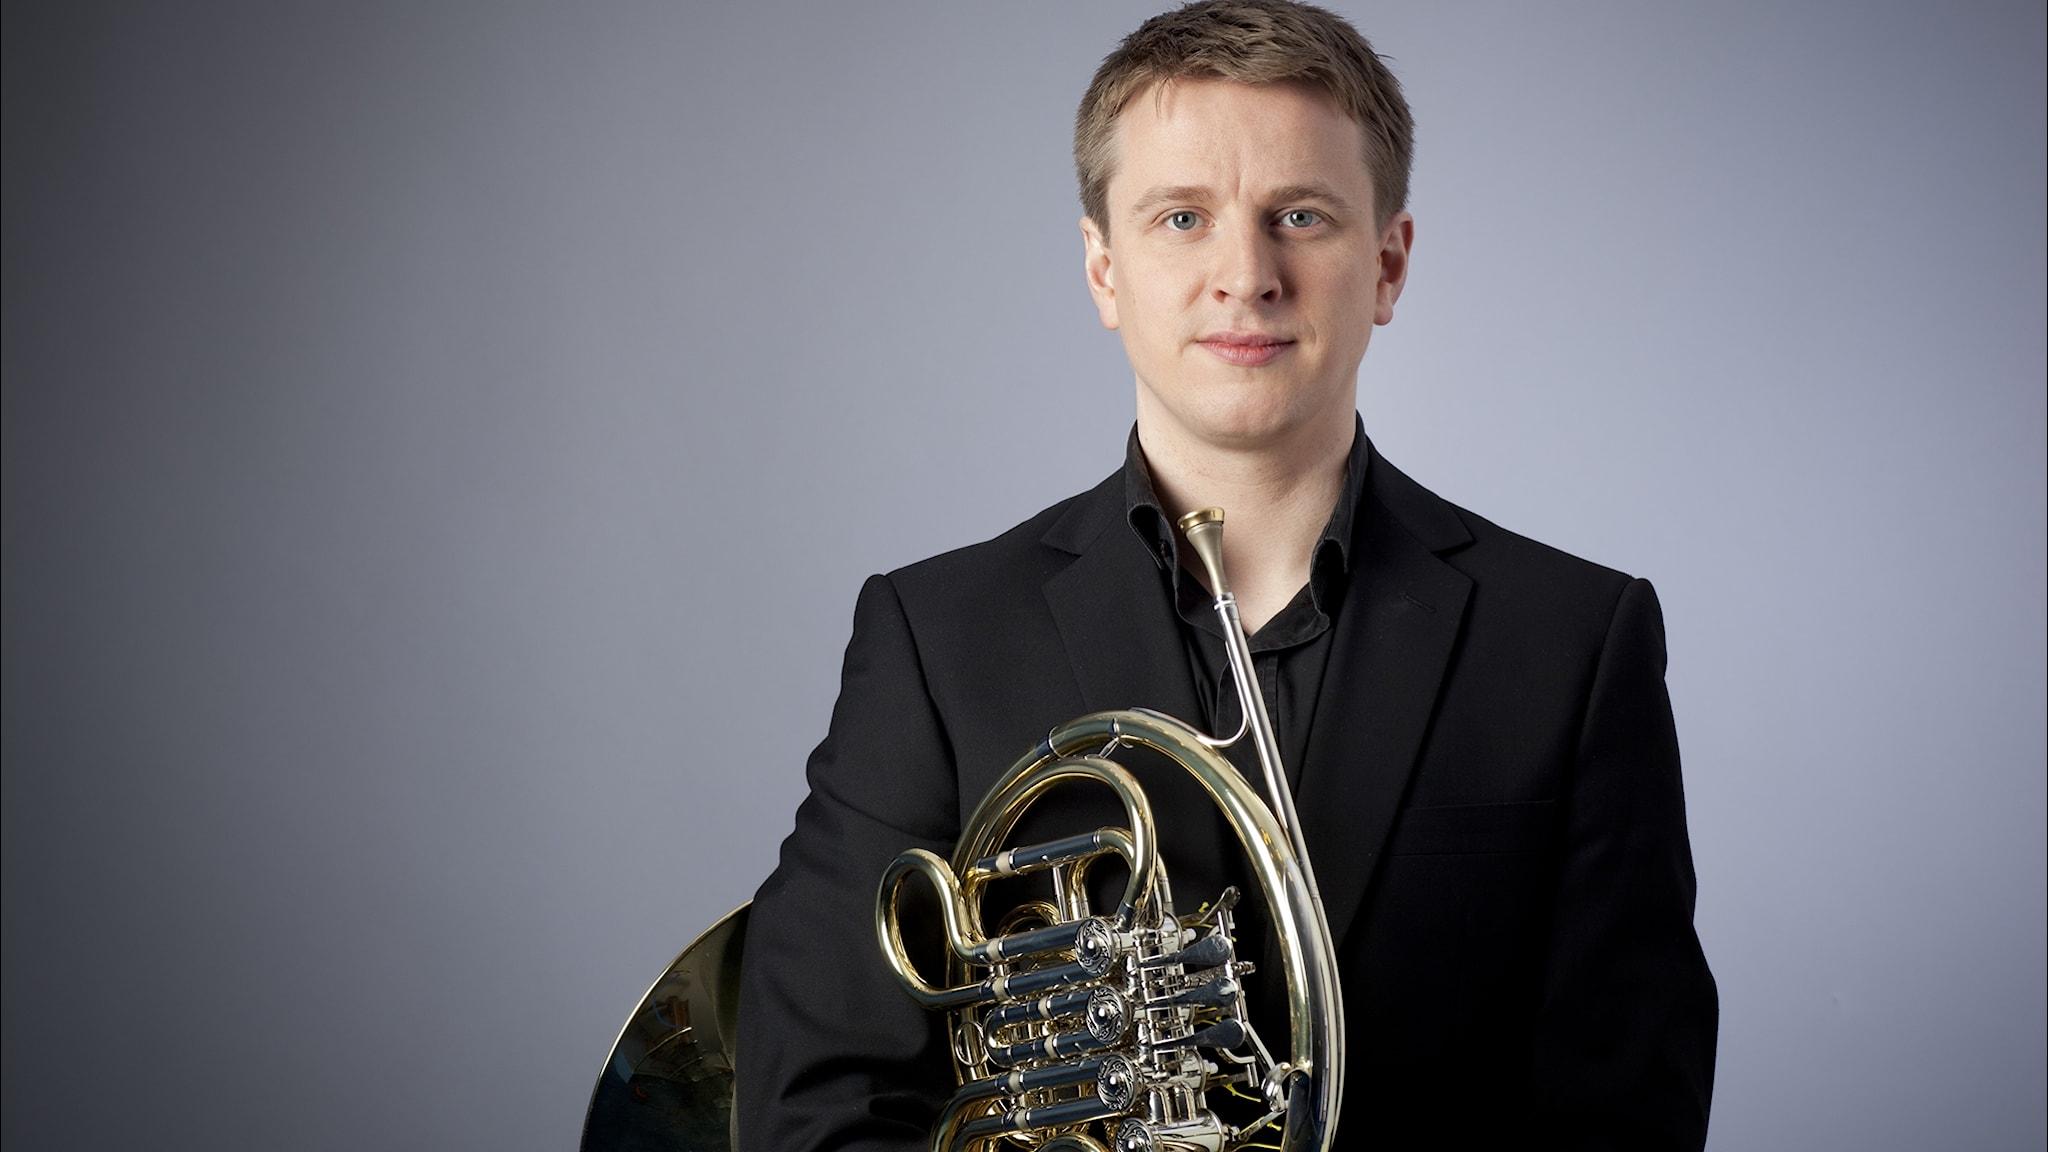 KONSERT: Kammarmusik för horn och stråkar